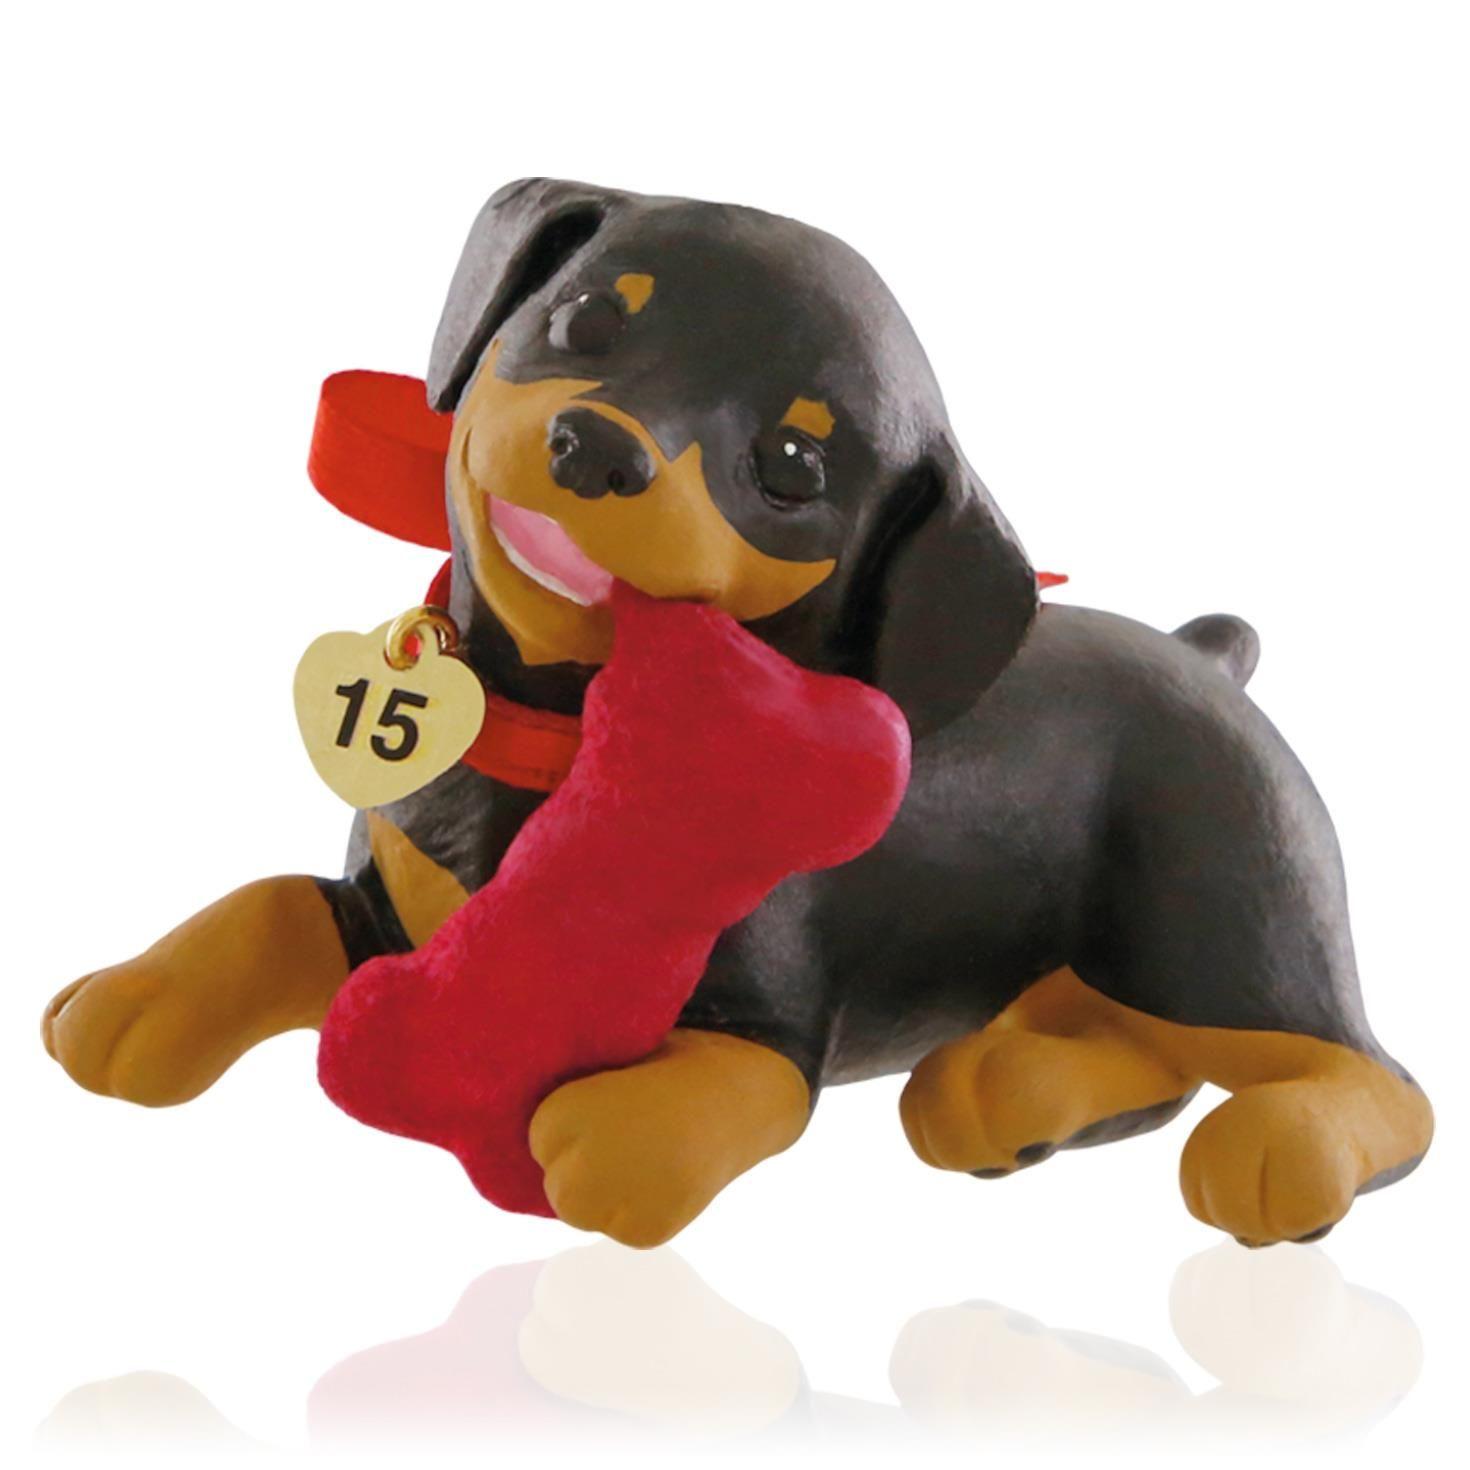 2015 Puppy Love Hallmark Keepsake Ornament Hooked On